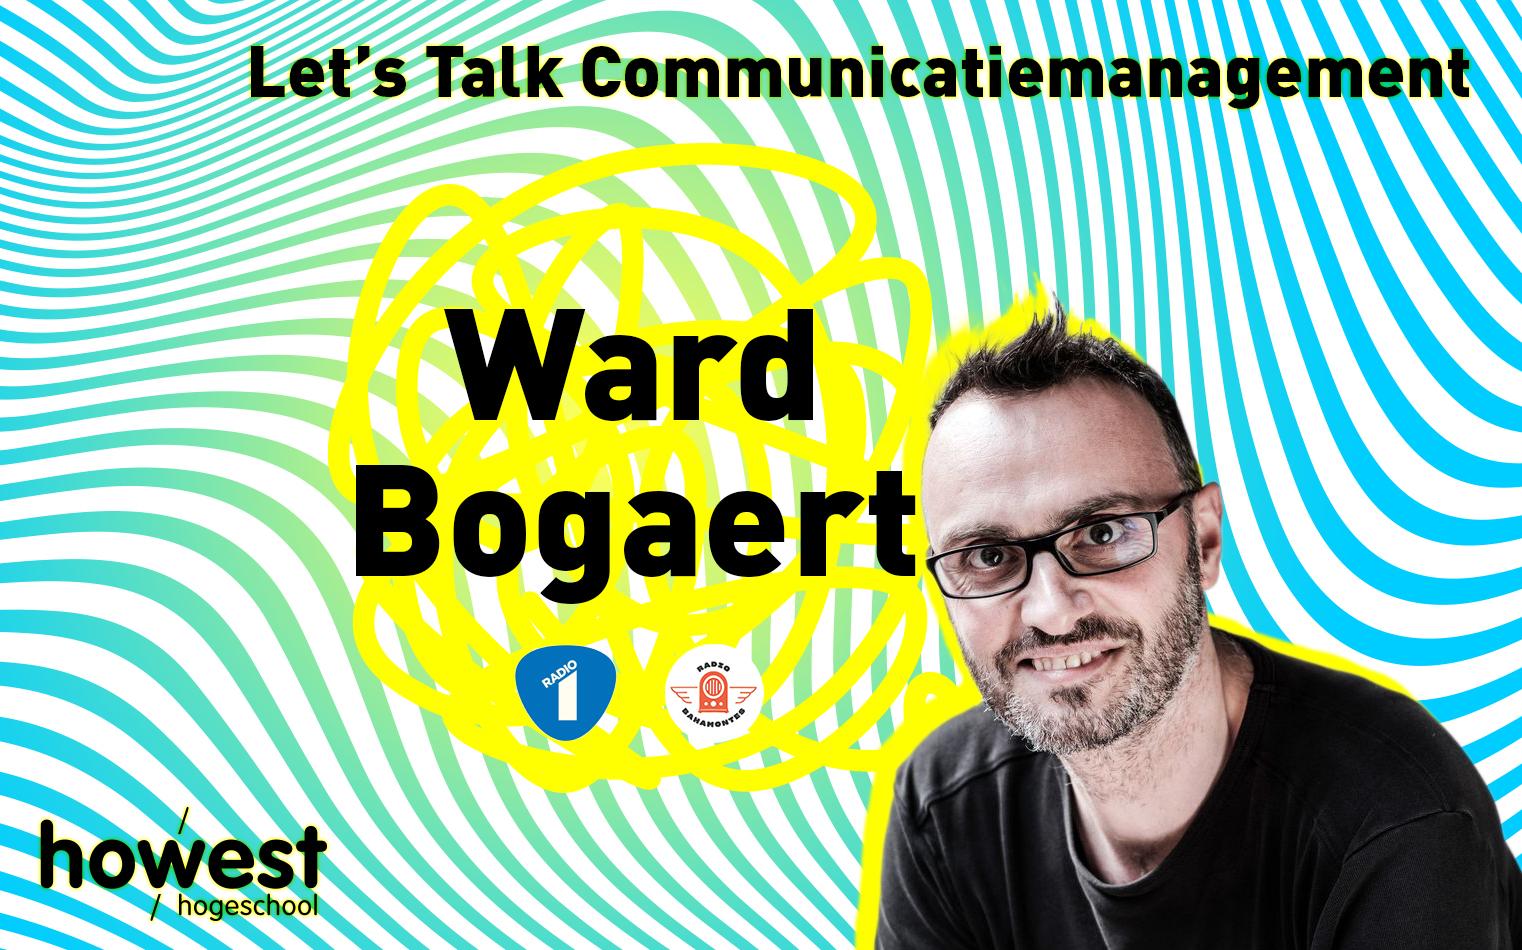 Foto van meesterverteller Ward Bogaert voor Let's Talk Communicatiemanagement aan Howest